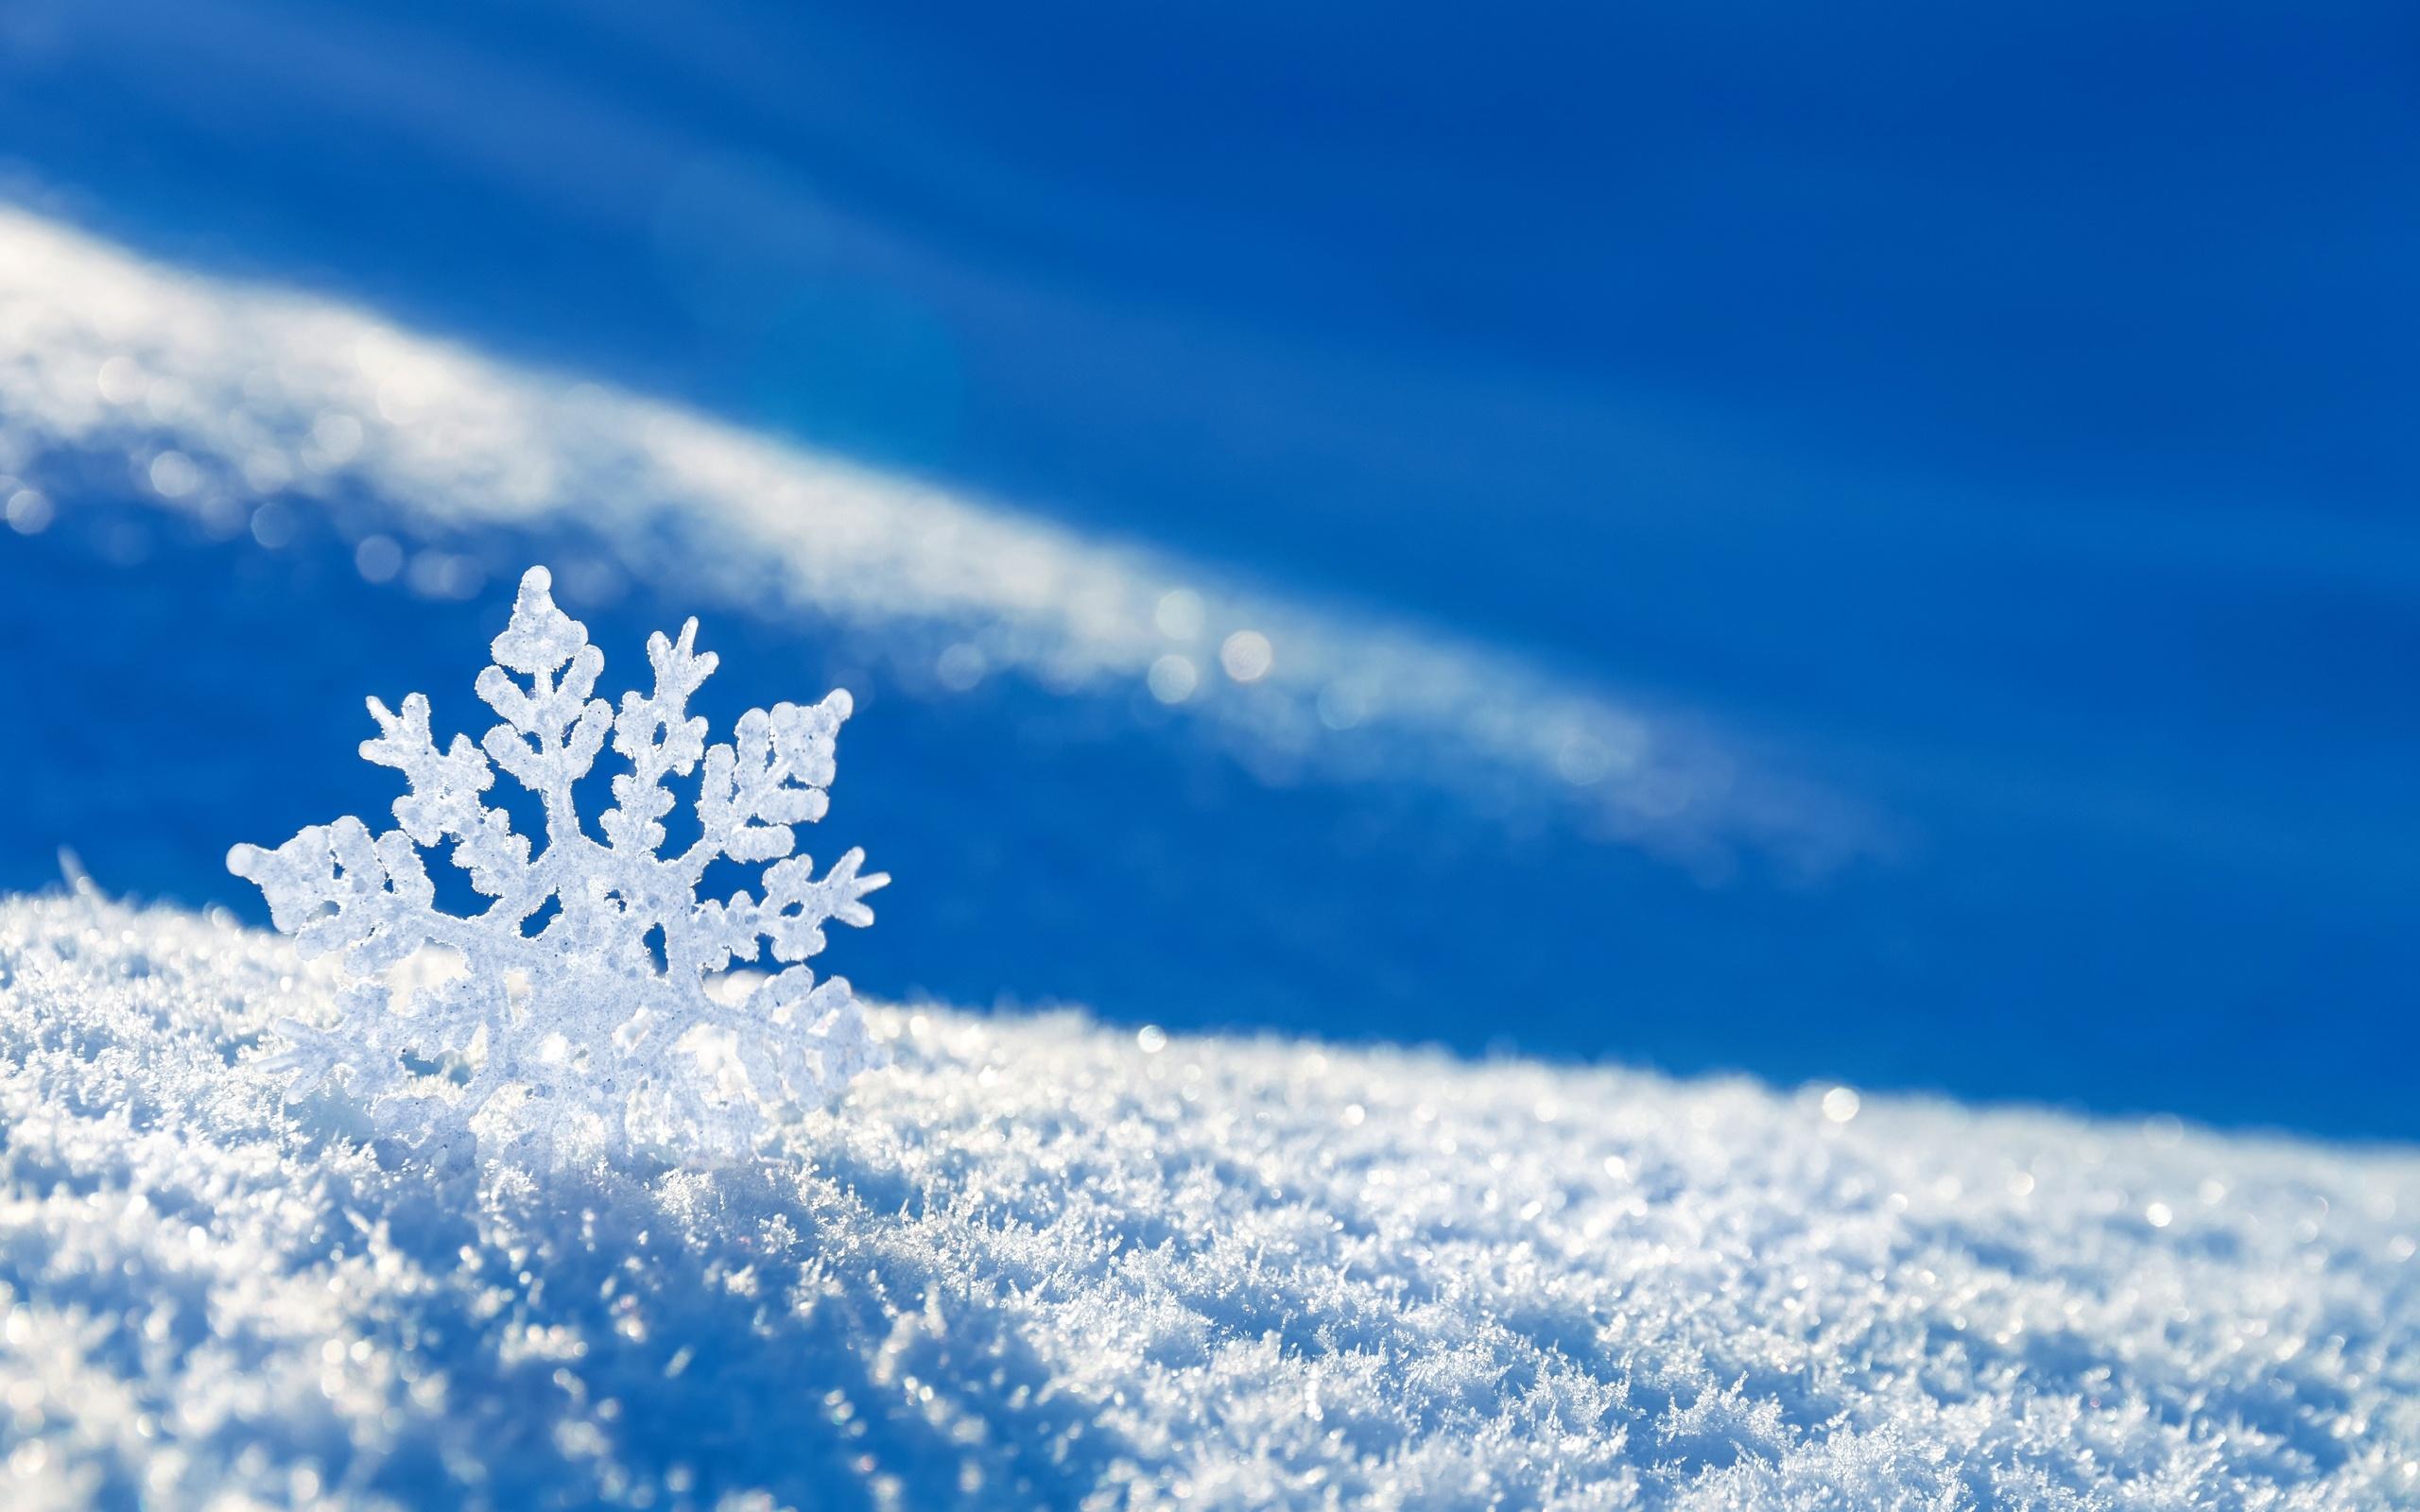 был картинки снег снежинки снегопад художник никак комментирует